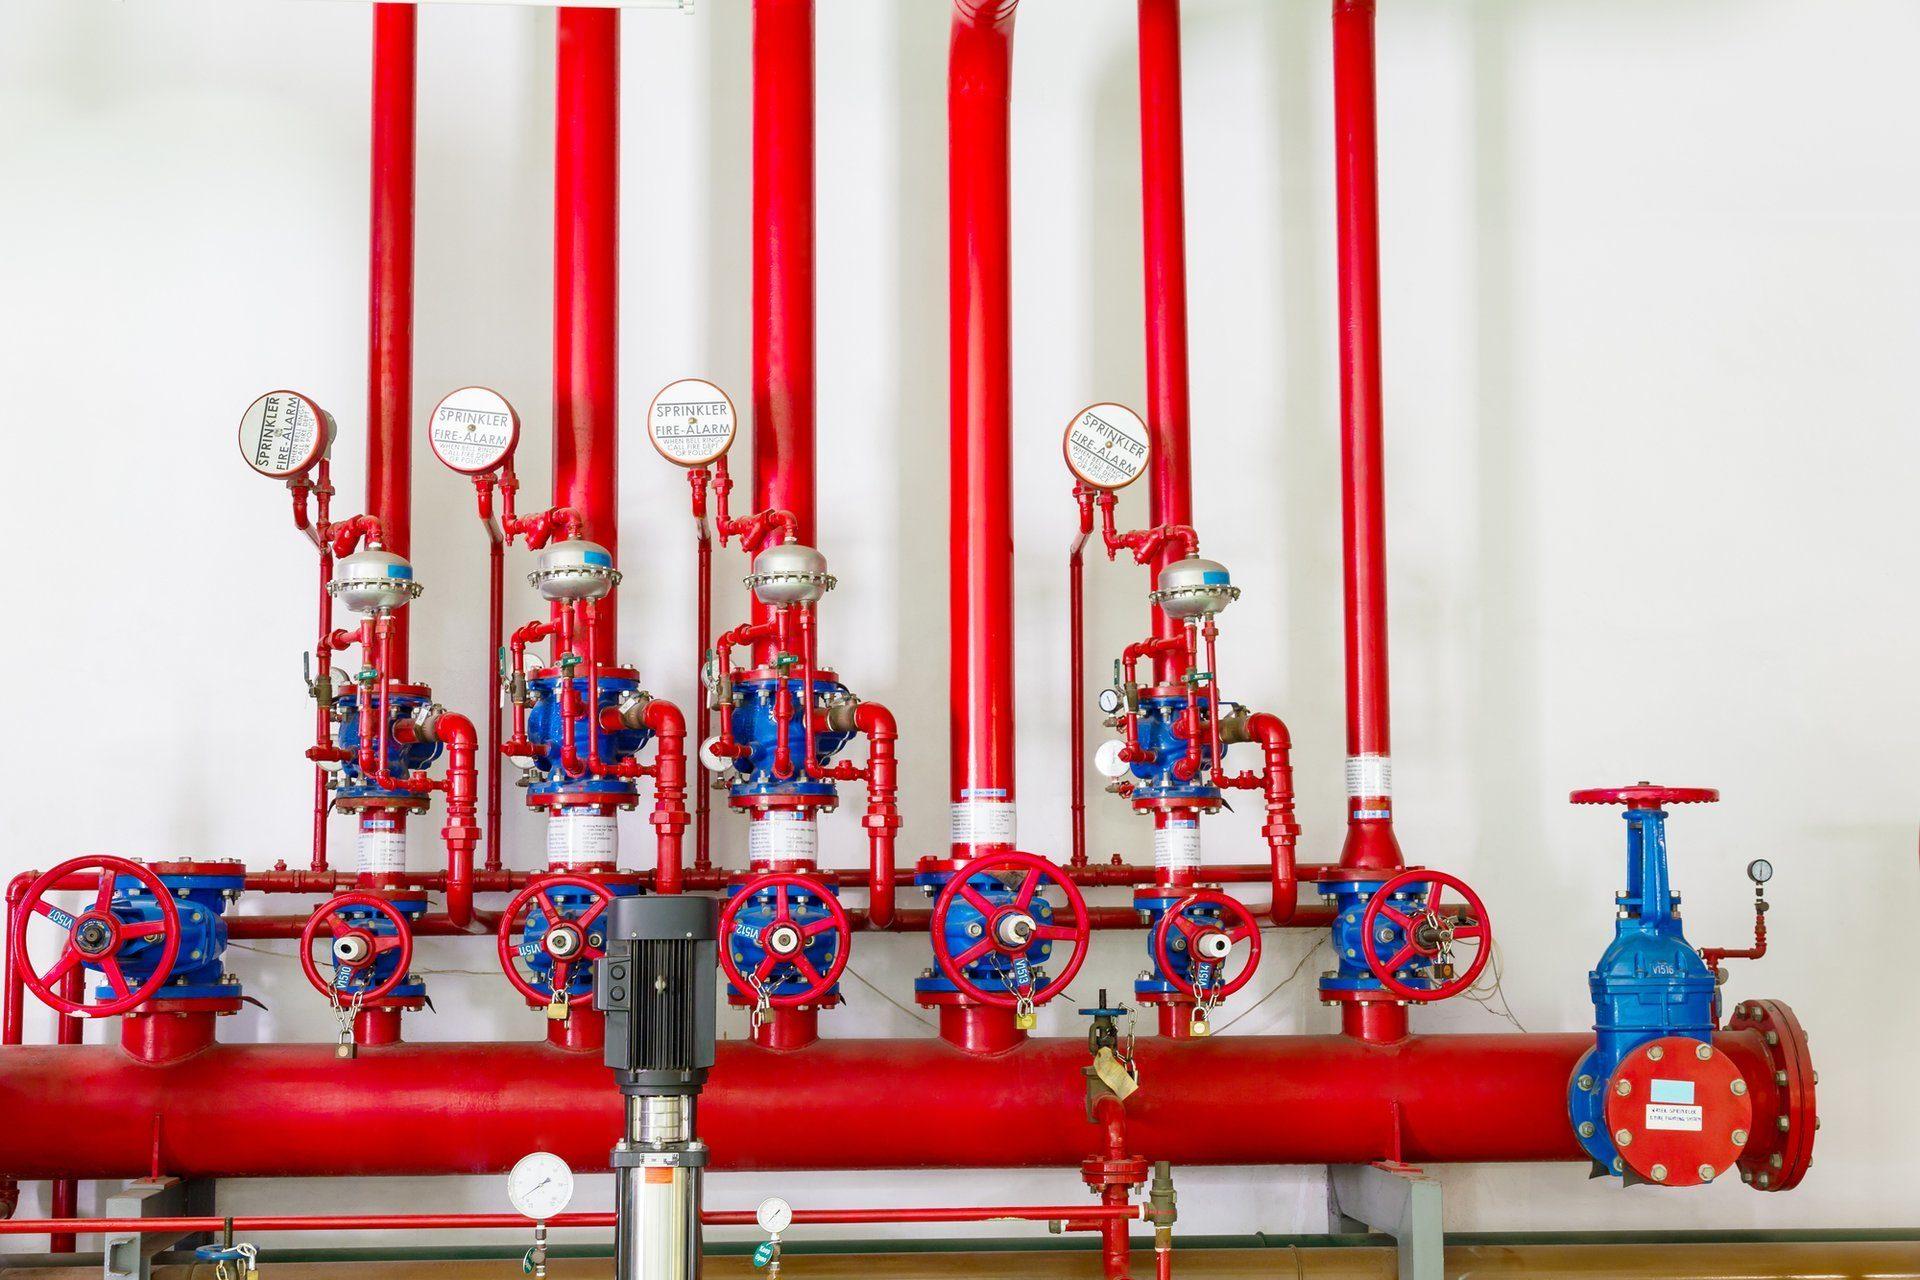 Система пожаротушения включает трубопроводы, насосы, датчики, а также устройства, которые распыляют тушащий состав.